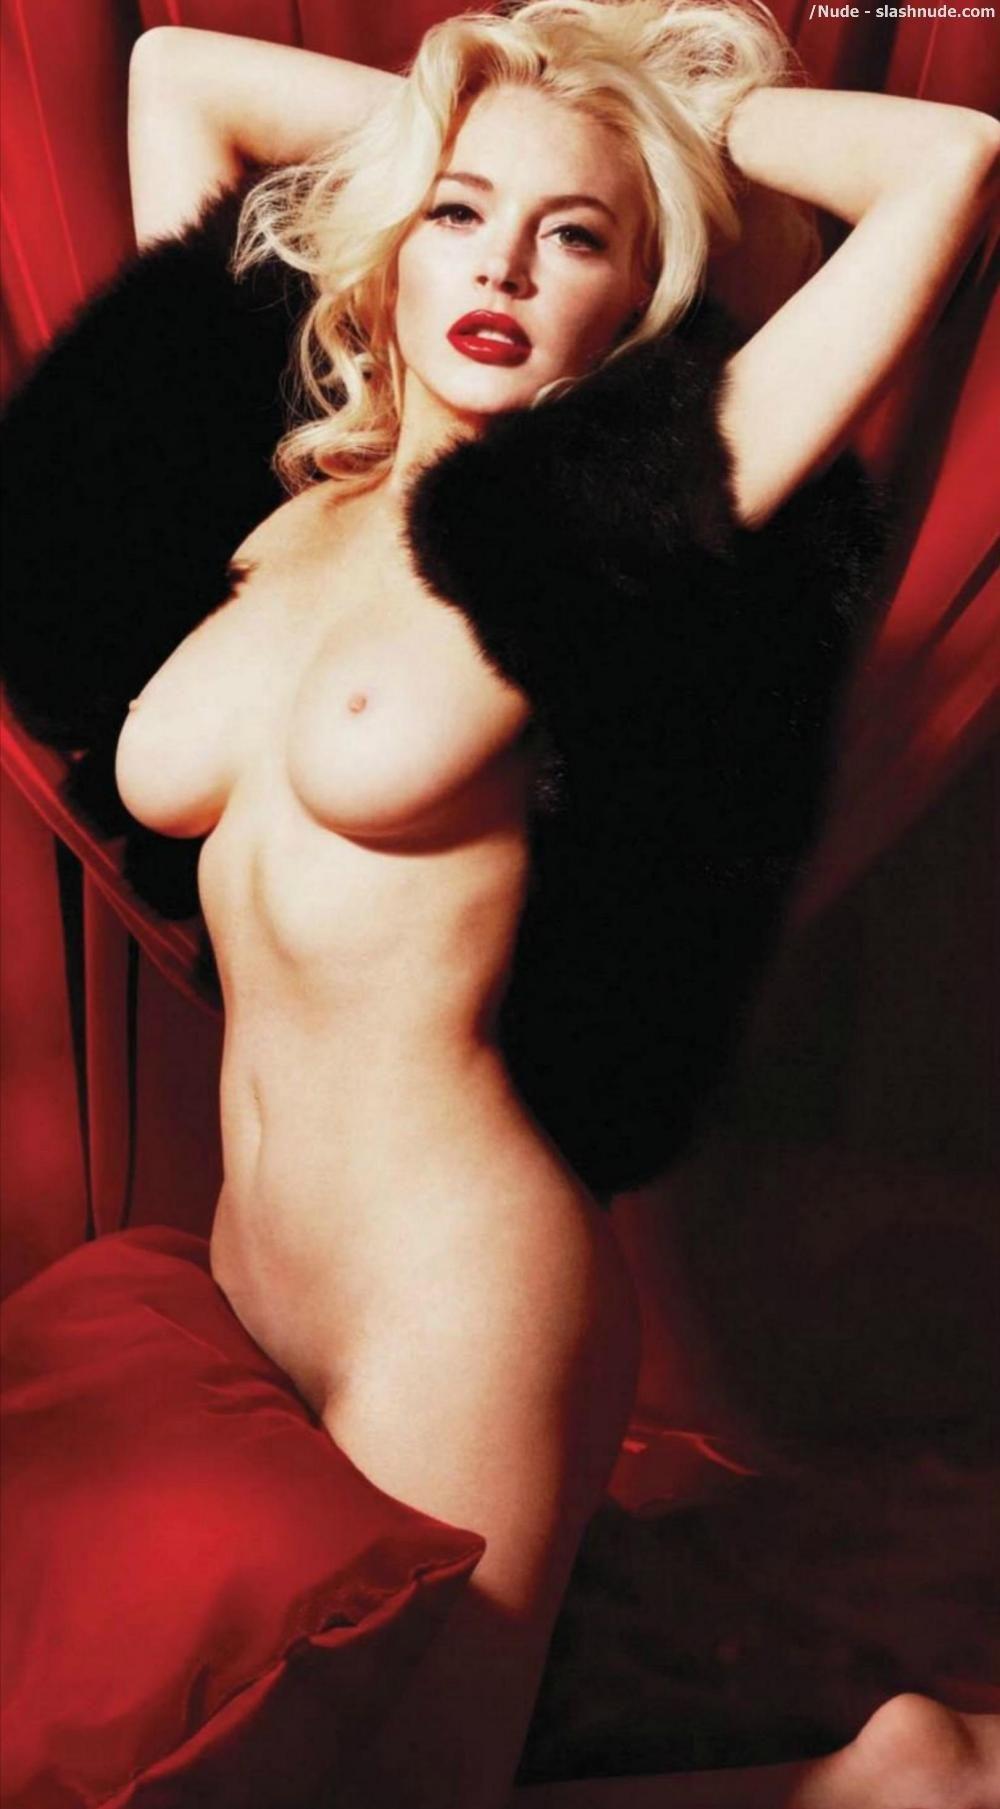 Super sexy porn stars nude